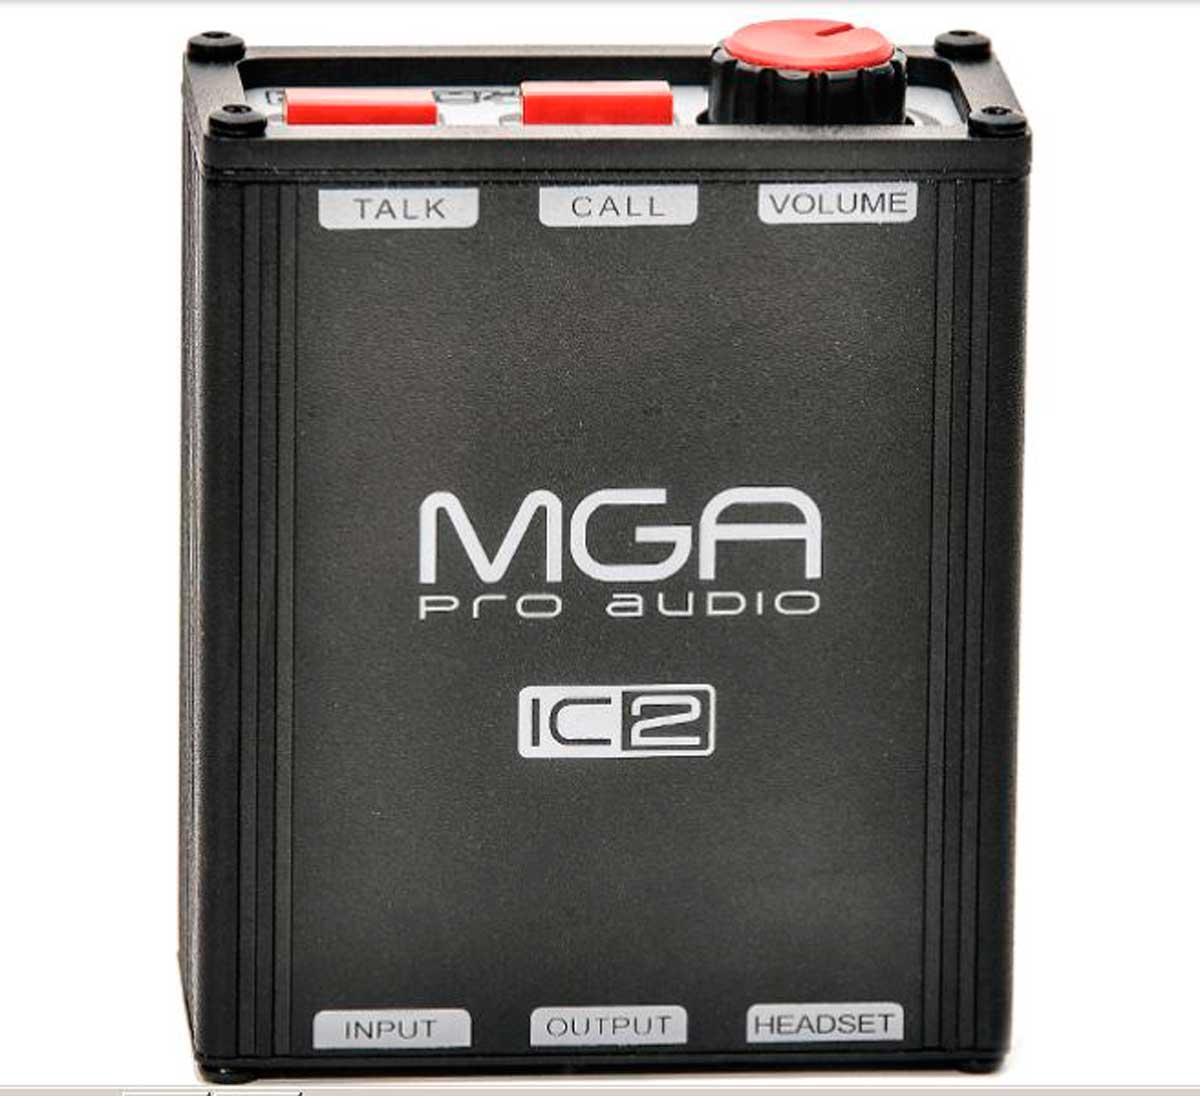 Unidade de cinto para sistema de comunicação com volume, call e talk | MGA Pro Audio | IC-2